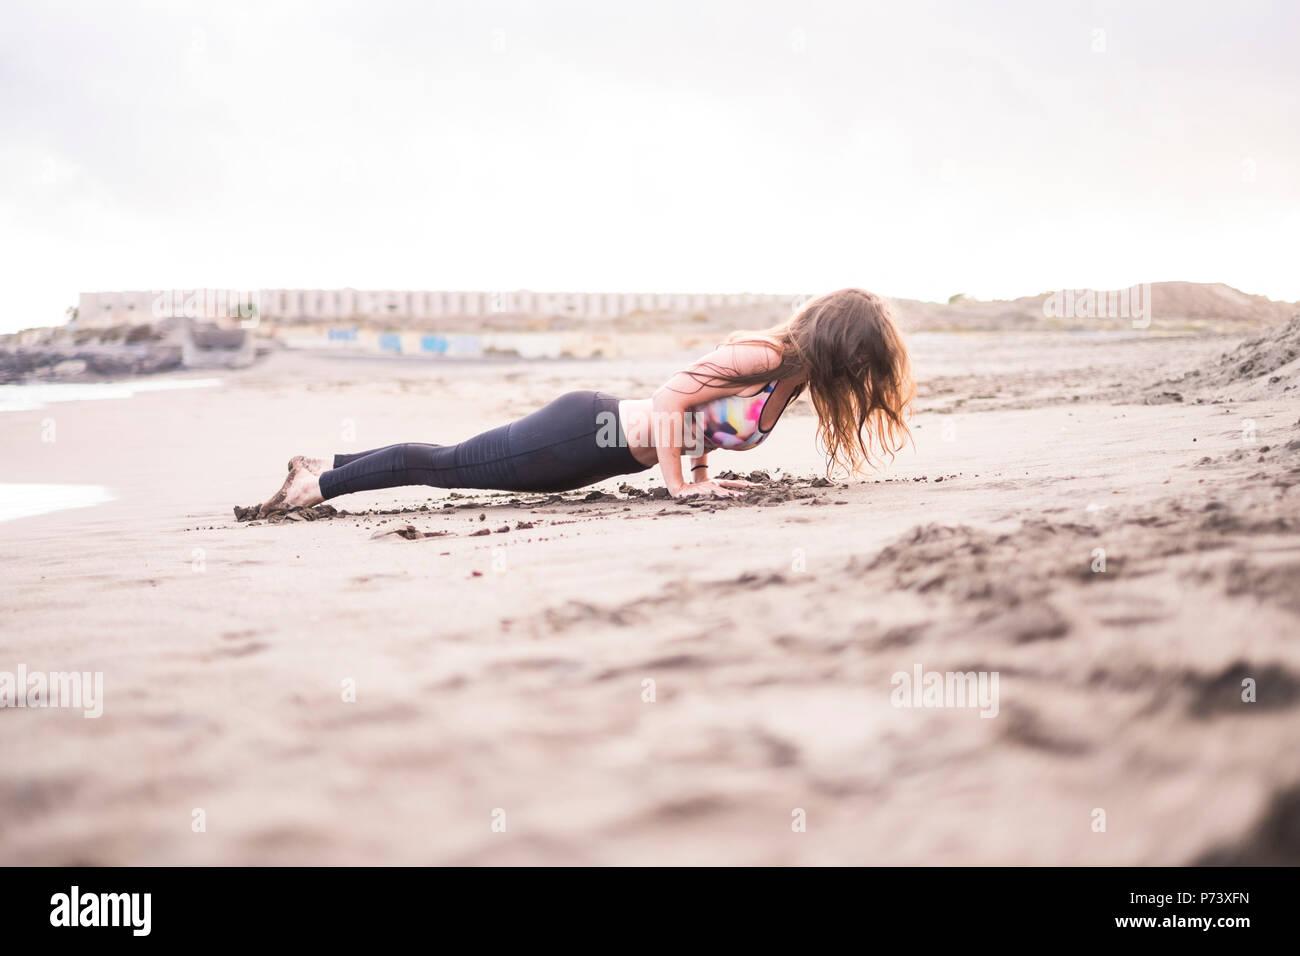 Plank perfetto per la giovane e bella signora caucasica presso la spiaggia sulla riva. giornata soleggiata nel tempo libero attività sportiva in forza e exerc bilanciato Immagini Stock